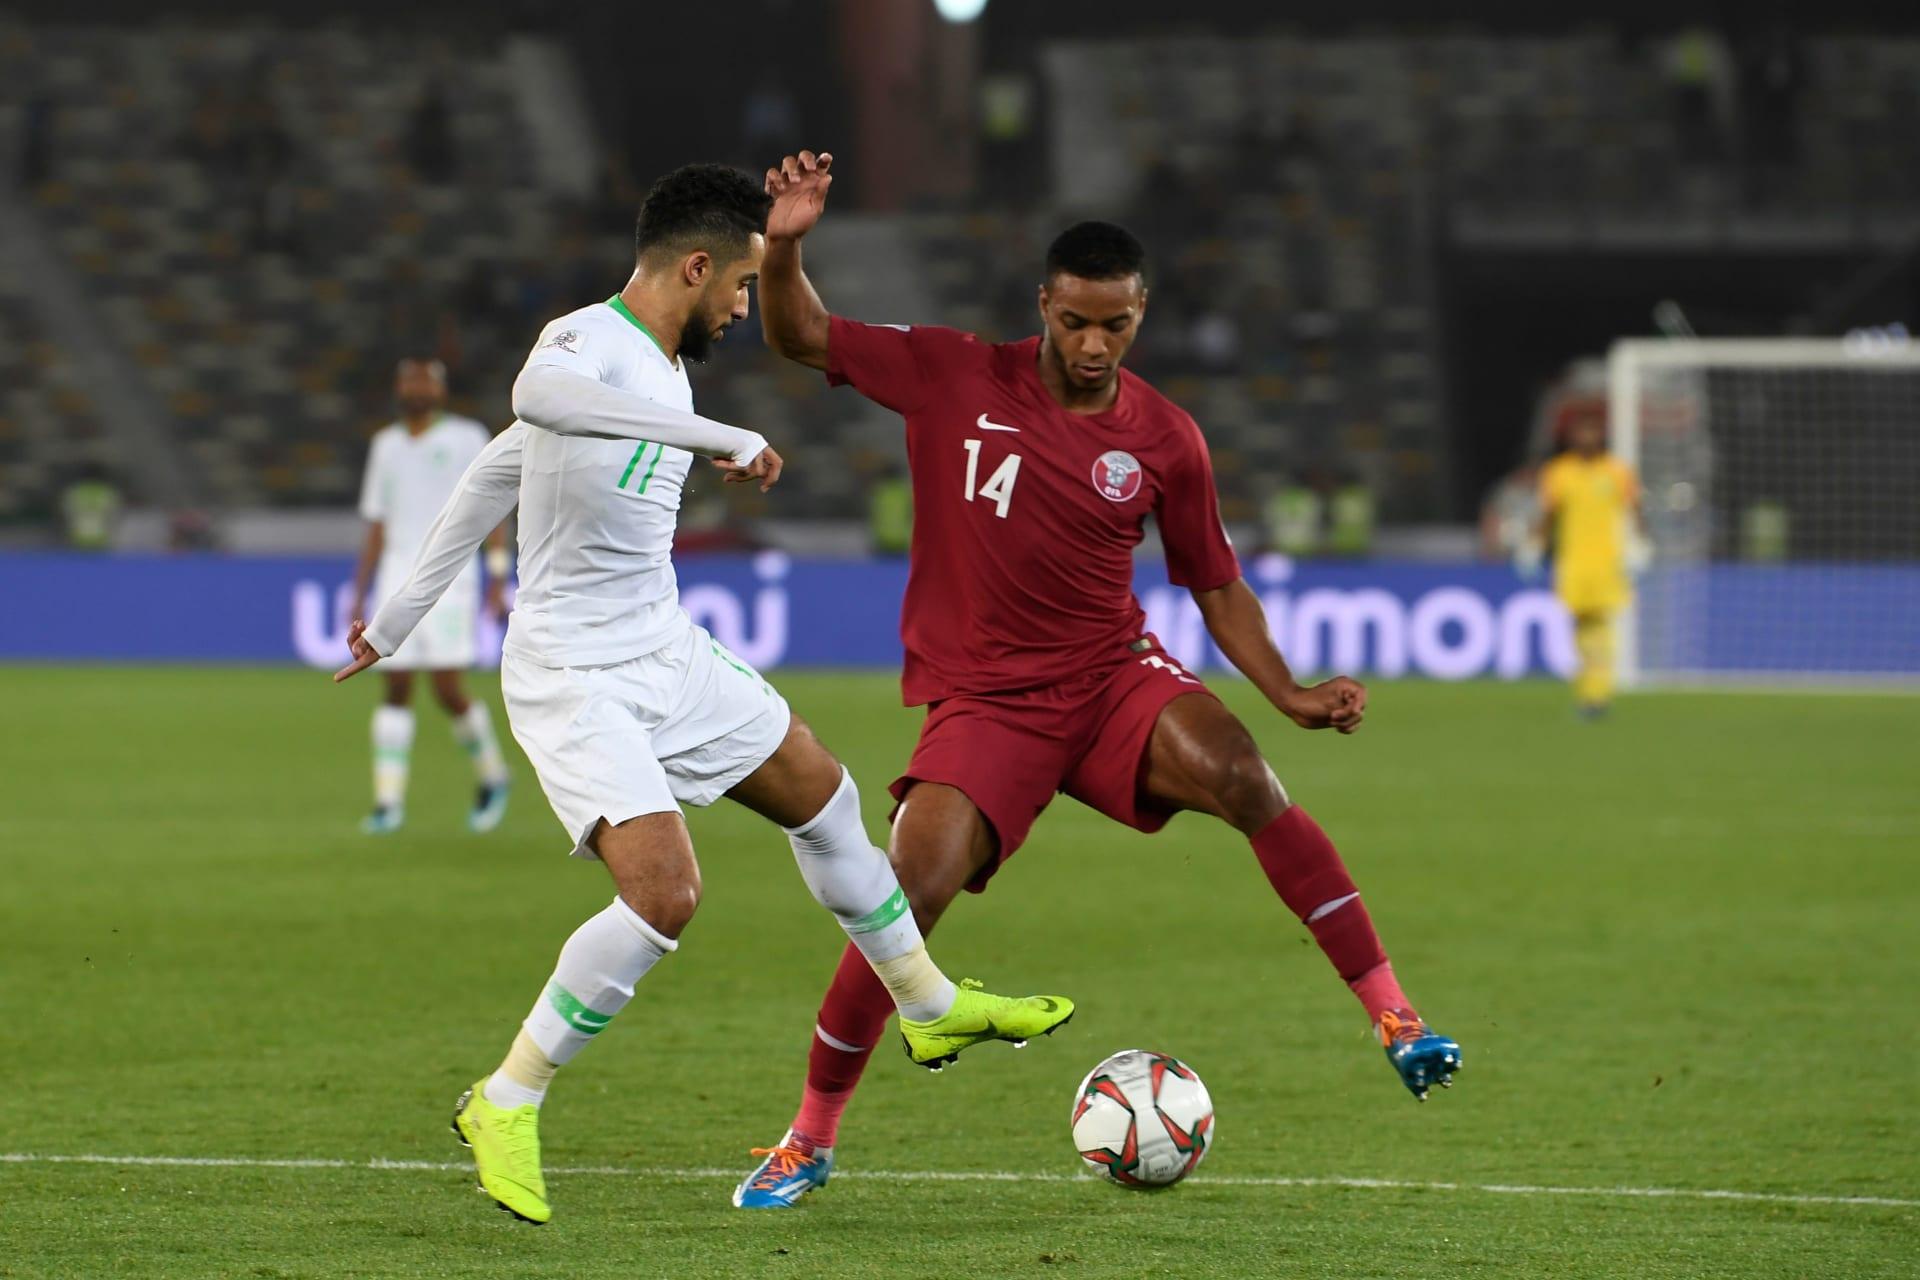 """مشاهد من كأس آسيا.. """"روح رياضية"""" بين لاعبي السعودية وقطر وإنذار يقصي لبنان"""